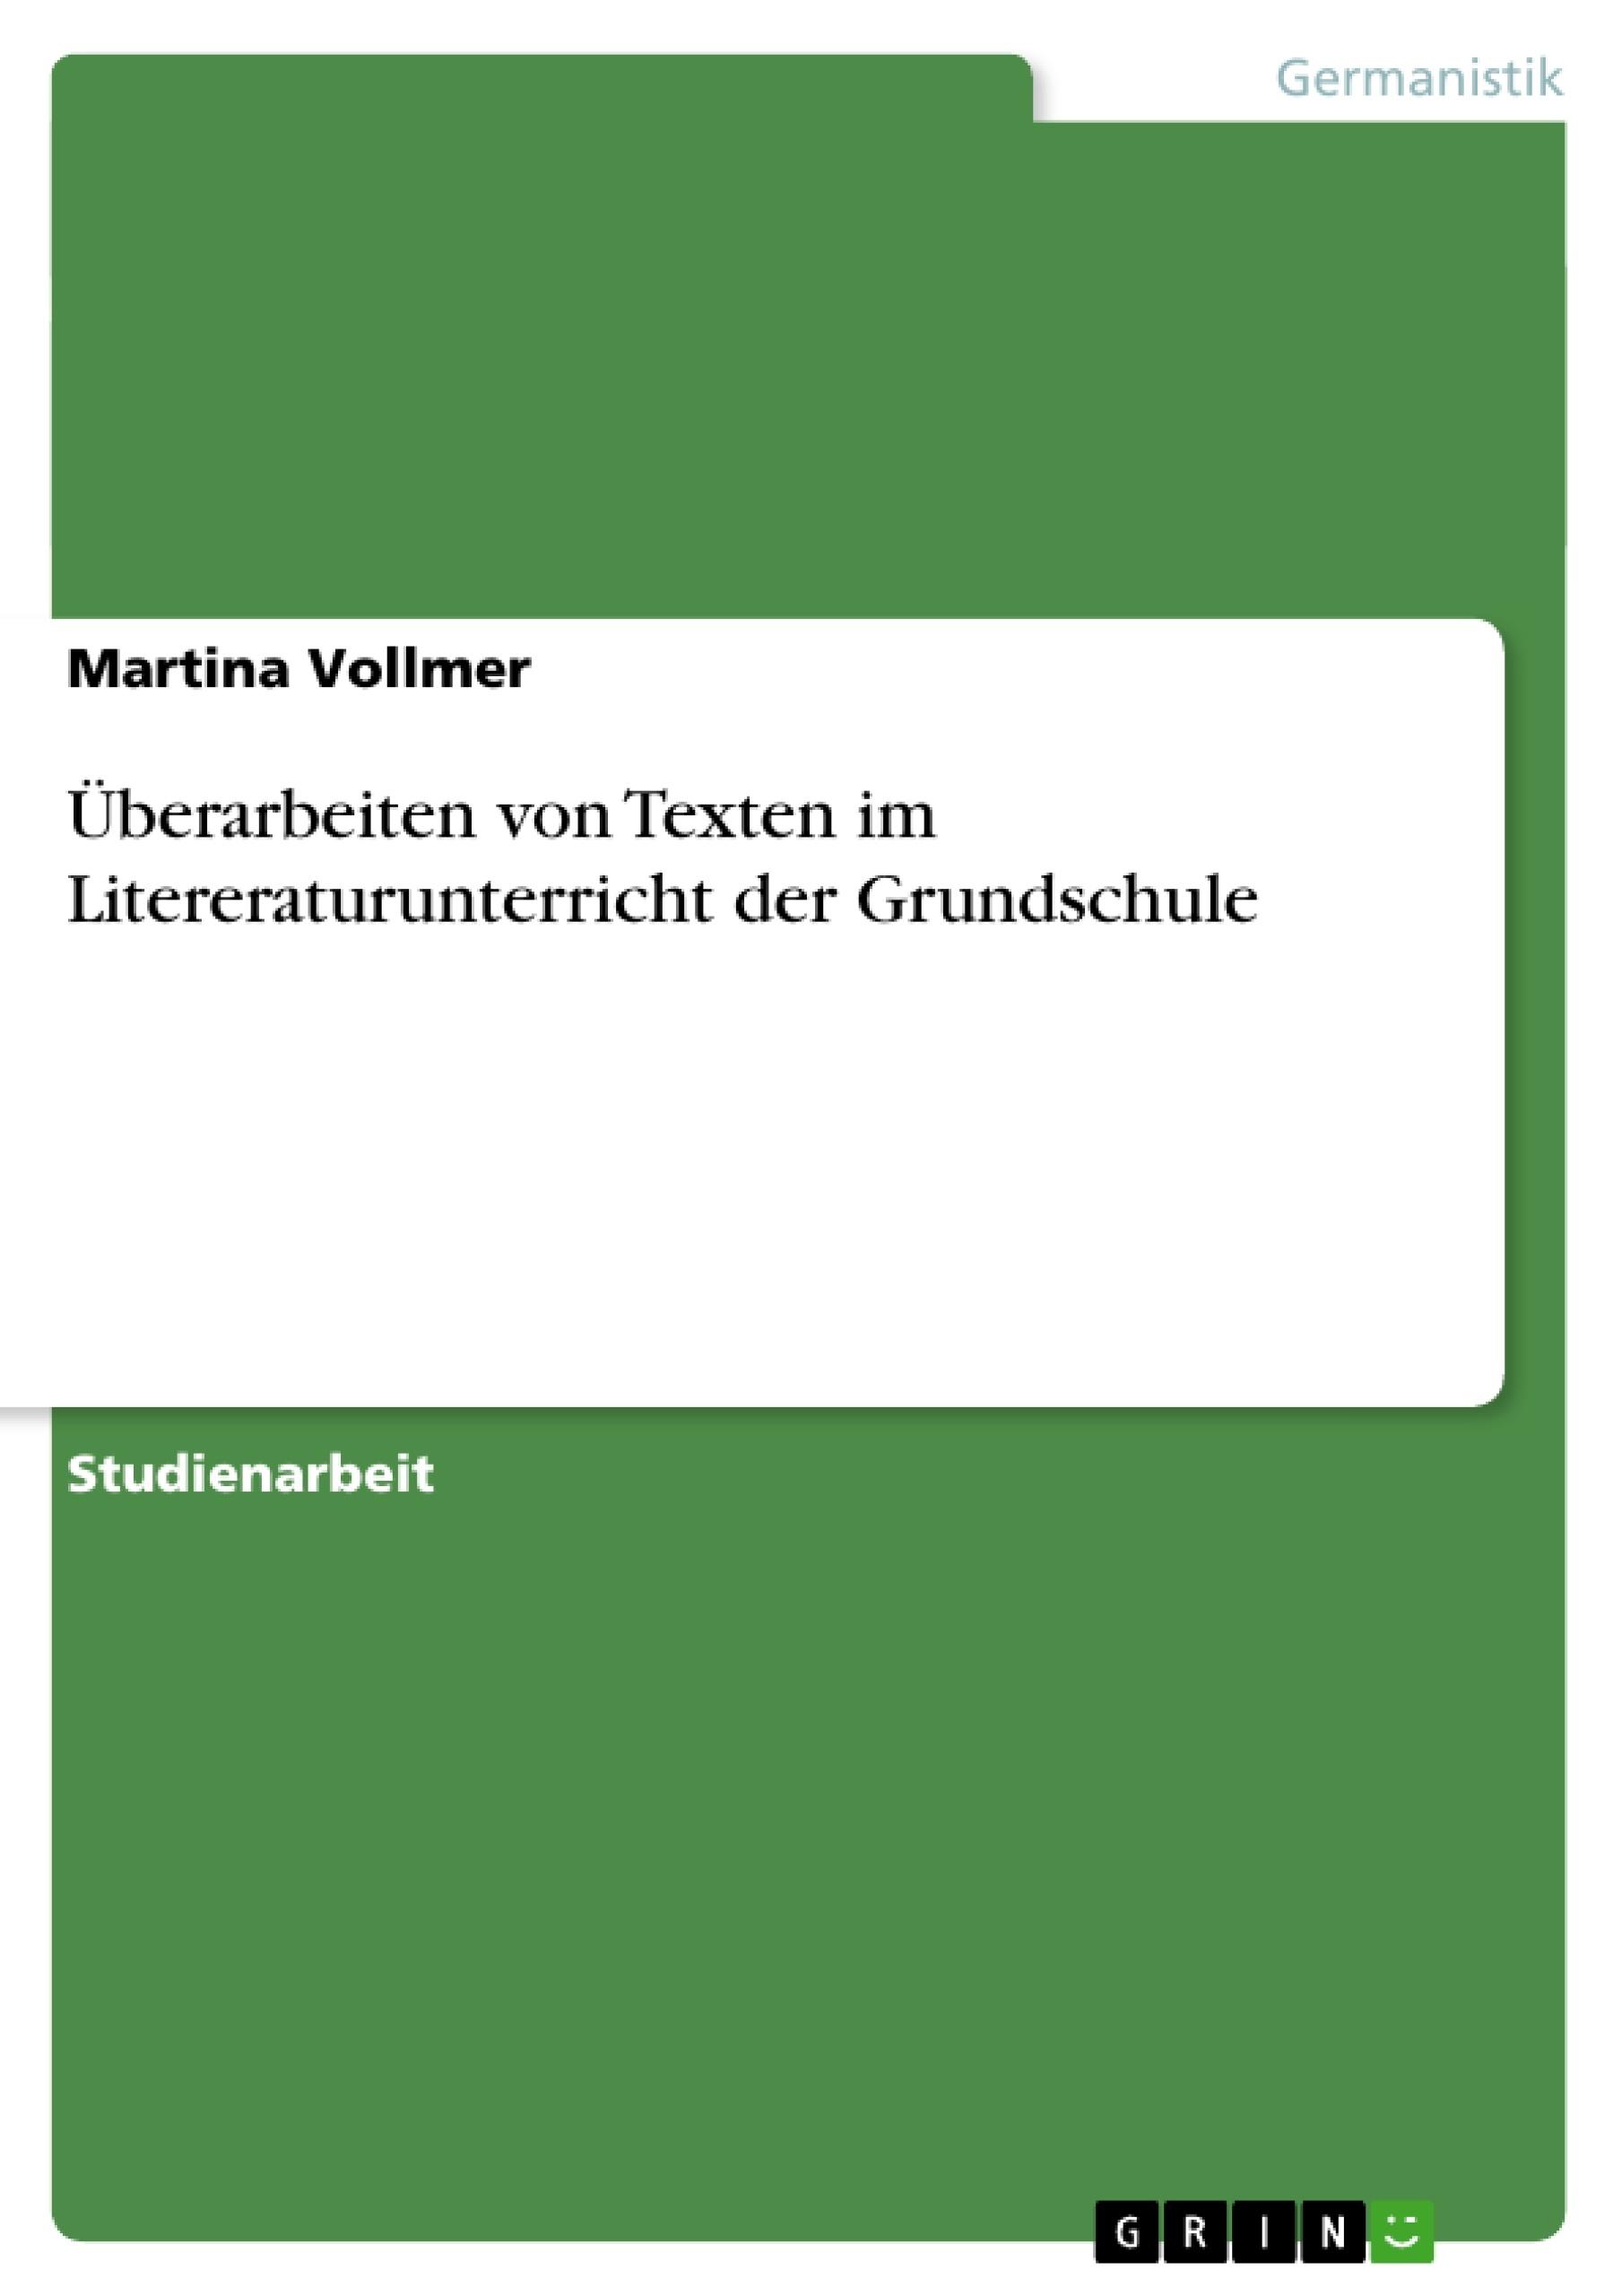 Titel: Überarbeiten von Texten im Litereraturunterricht der Grundschule